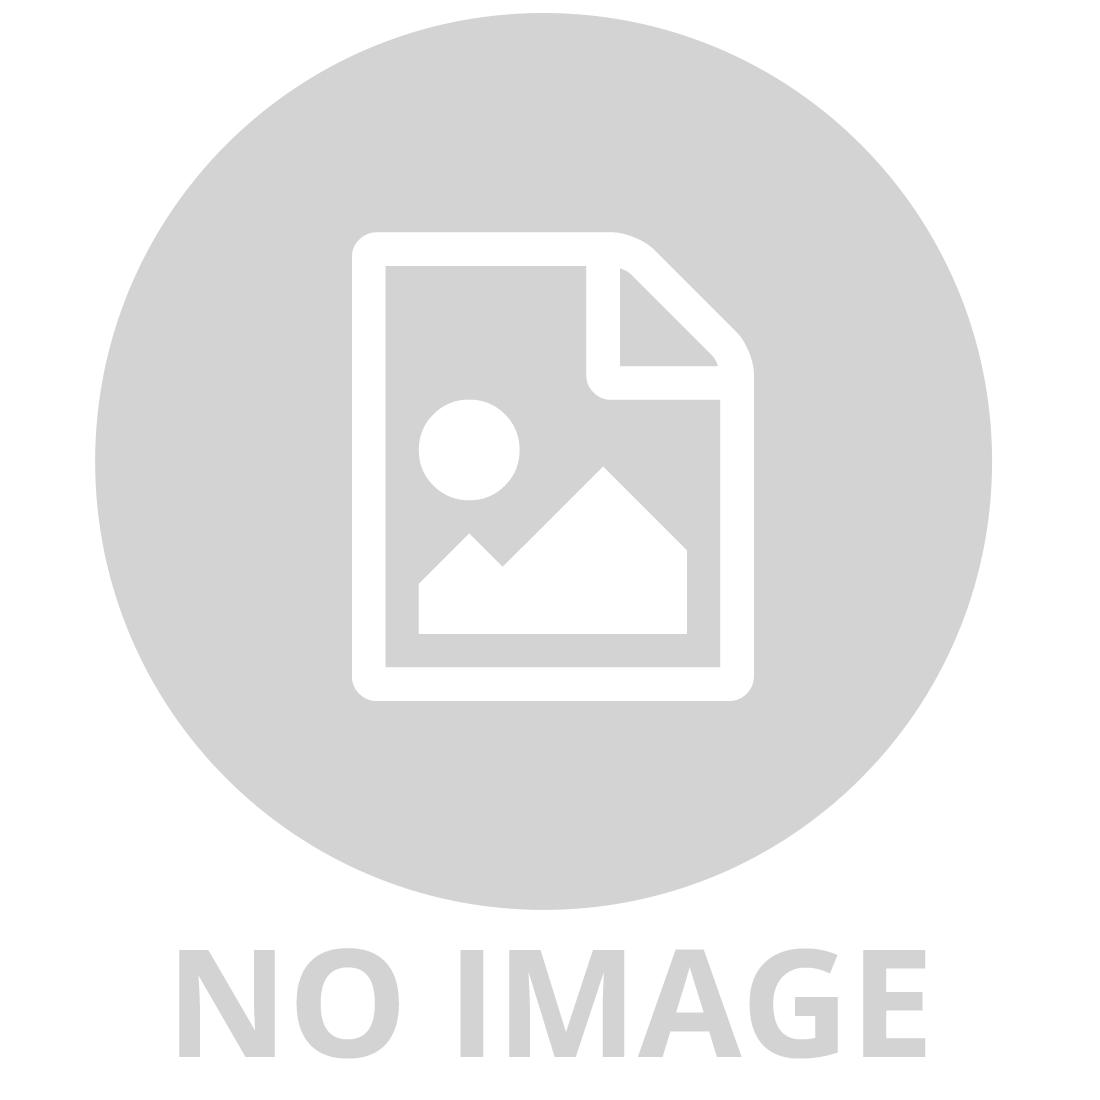 CRAYOLA 10 LARGE SCHOOL CRAYONS